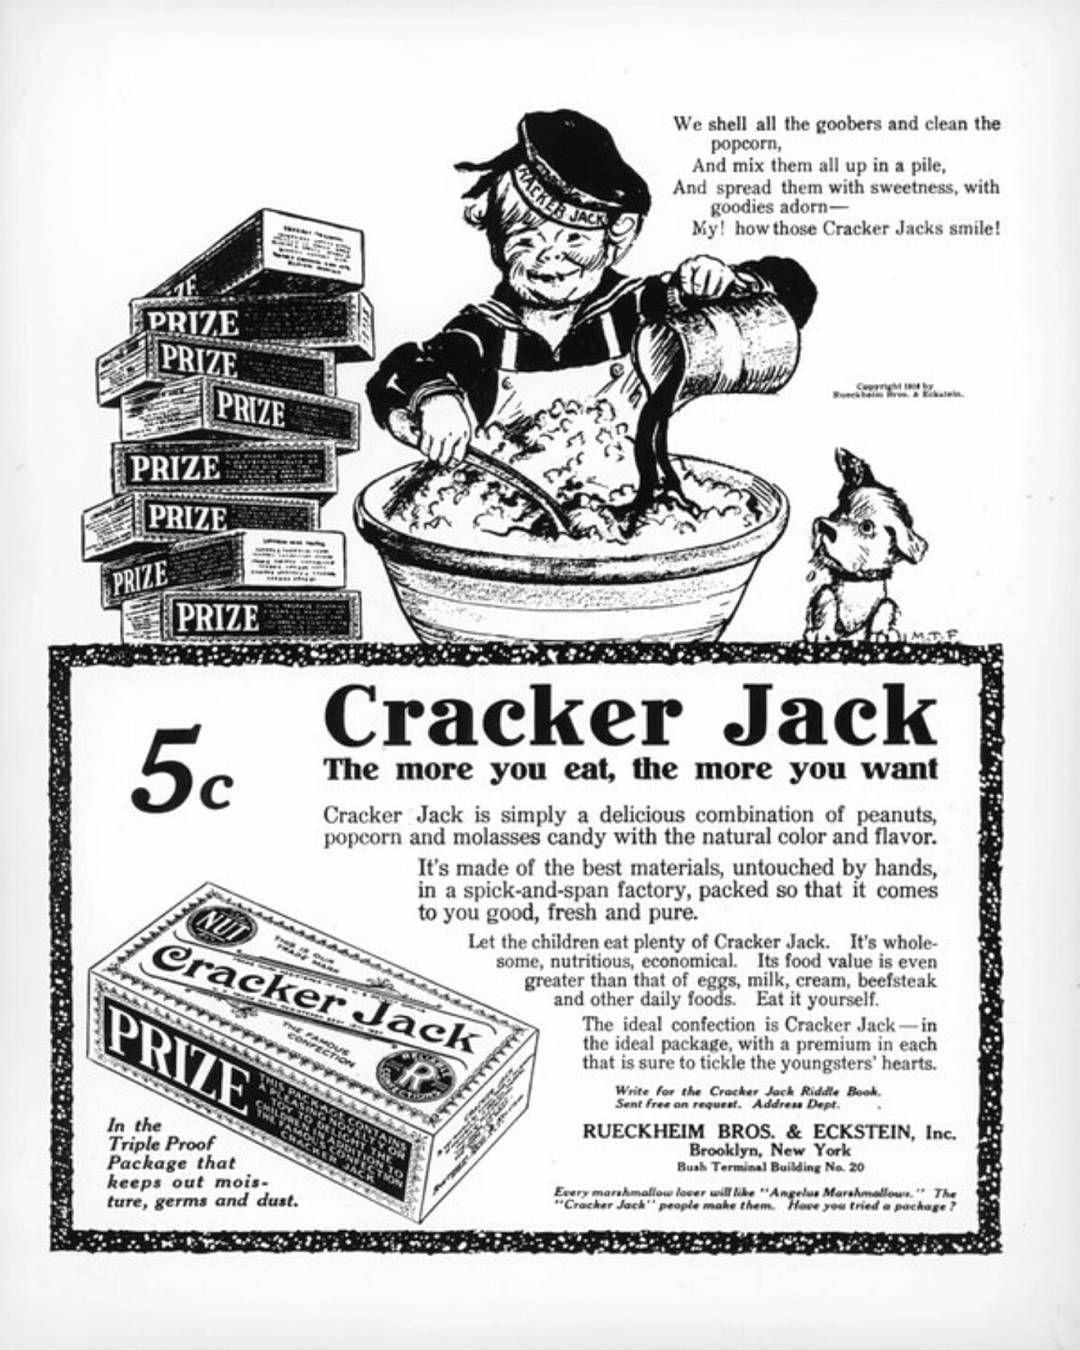 Love them #crackerjacks